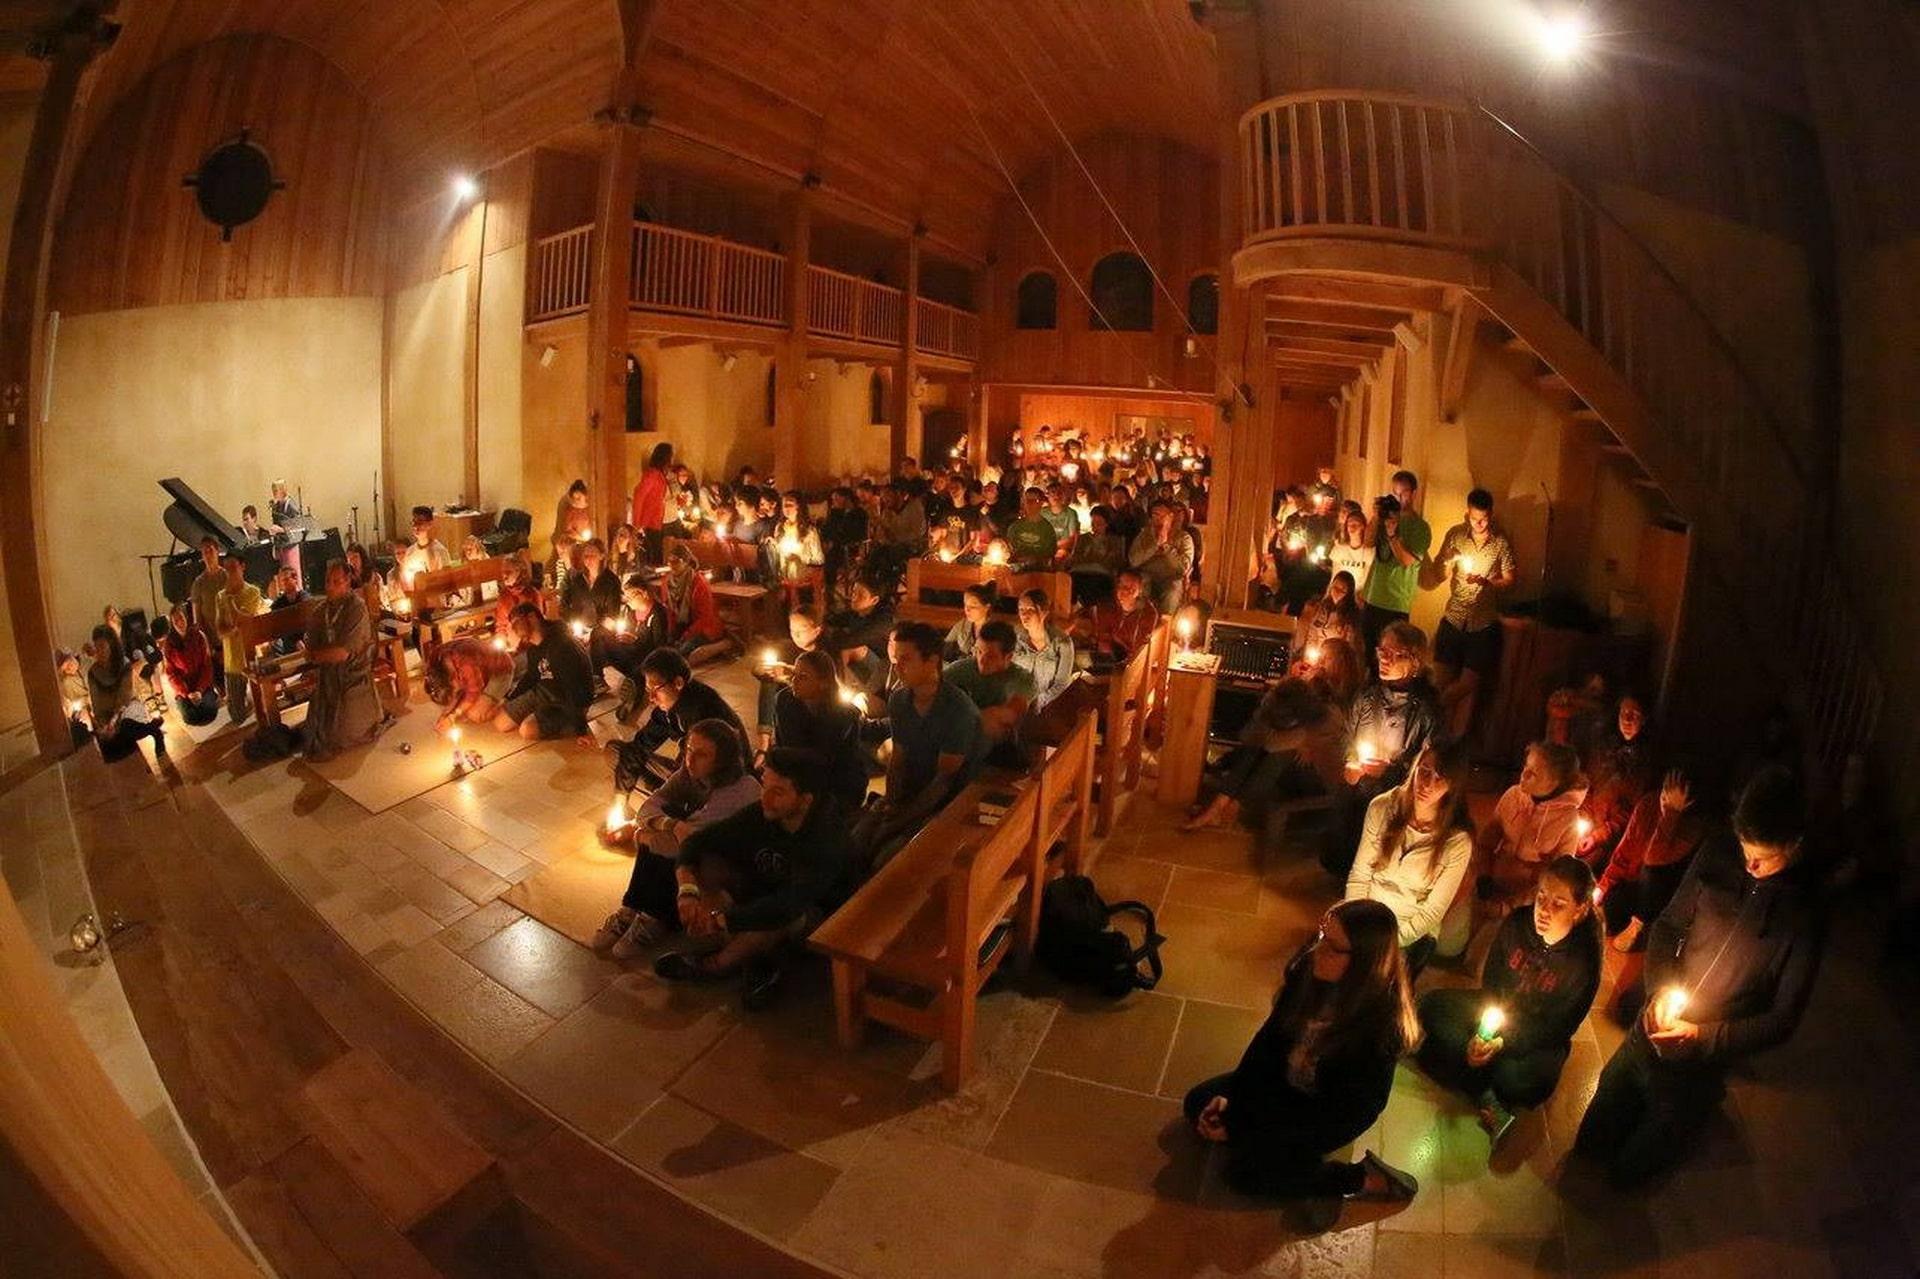 Apostolat - Tätigkeitsbereiche der Brüder